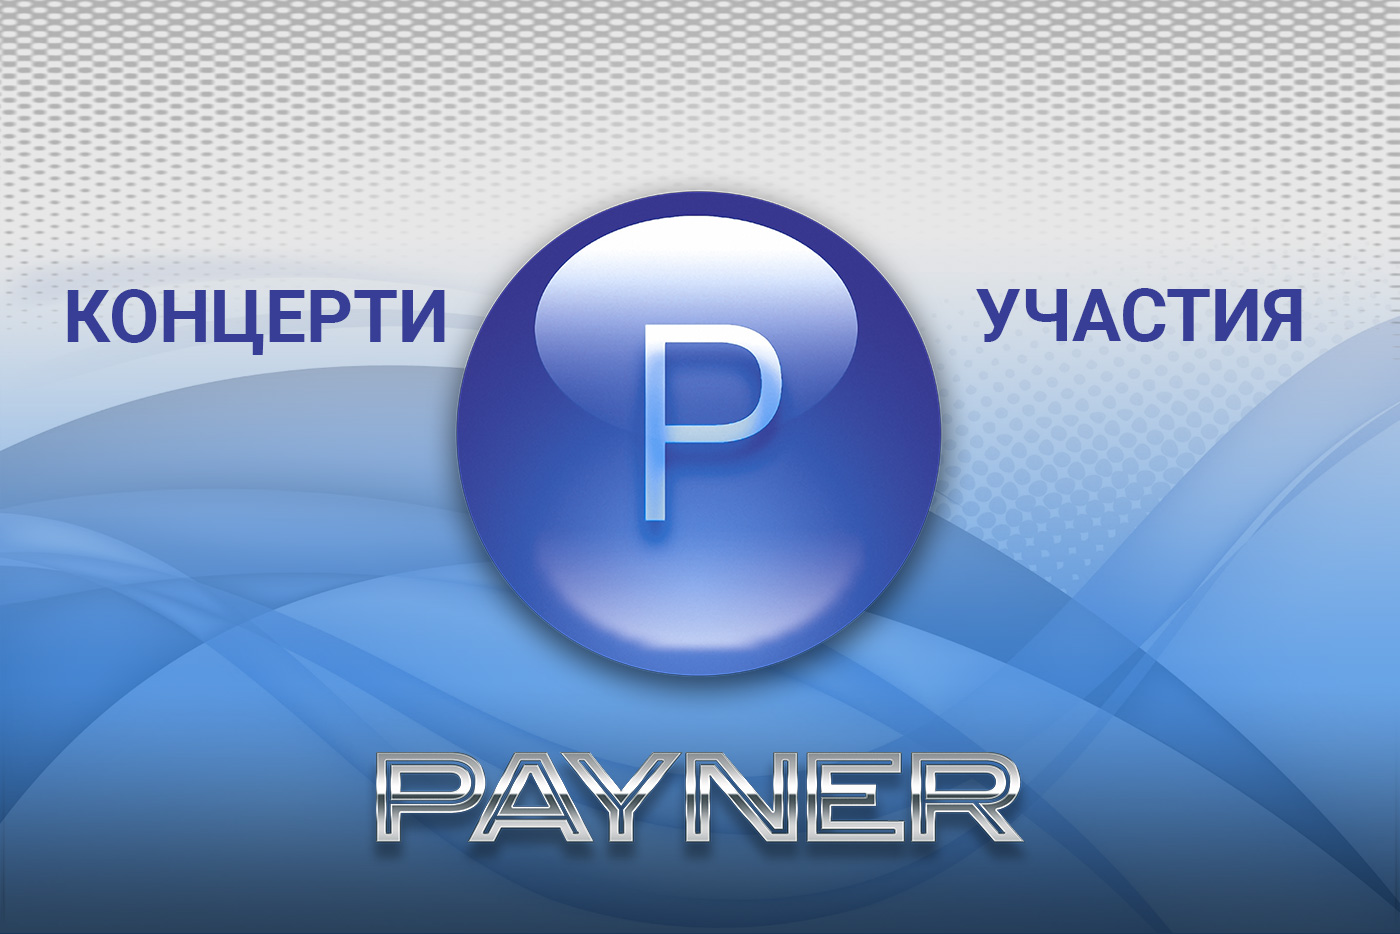 """Участия на звездите на """"Пайнер"""" на 17.02.2020"""